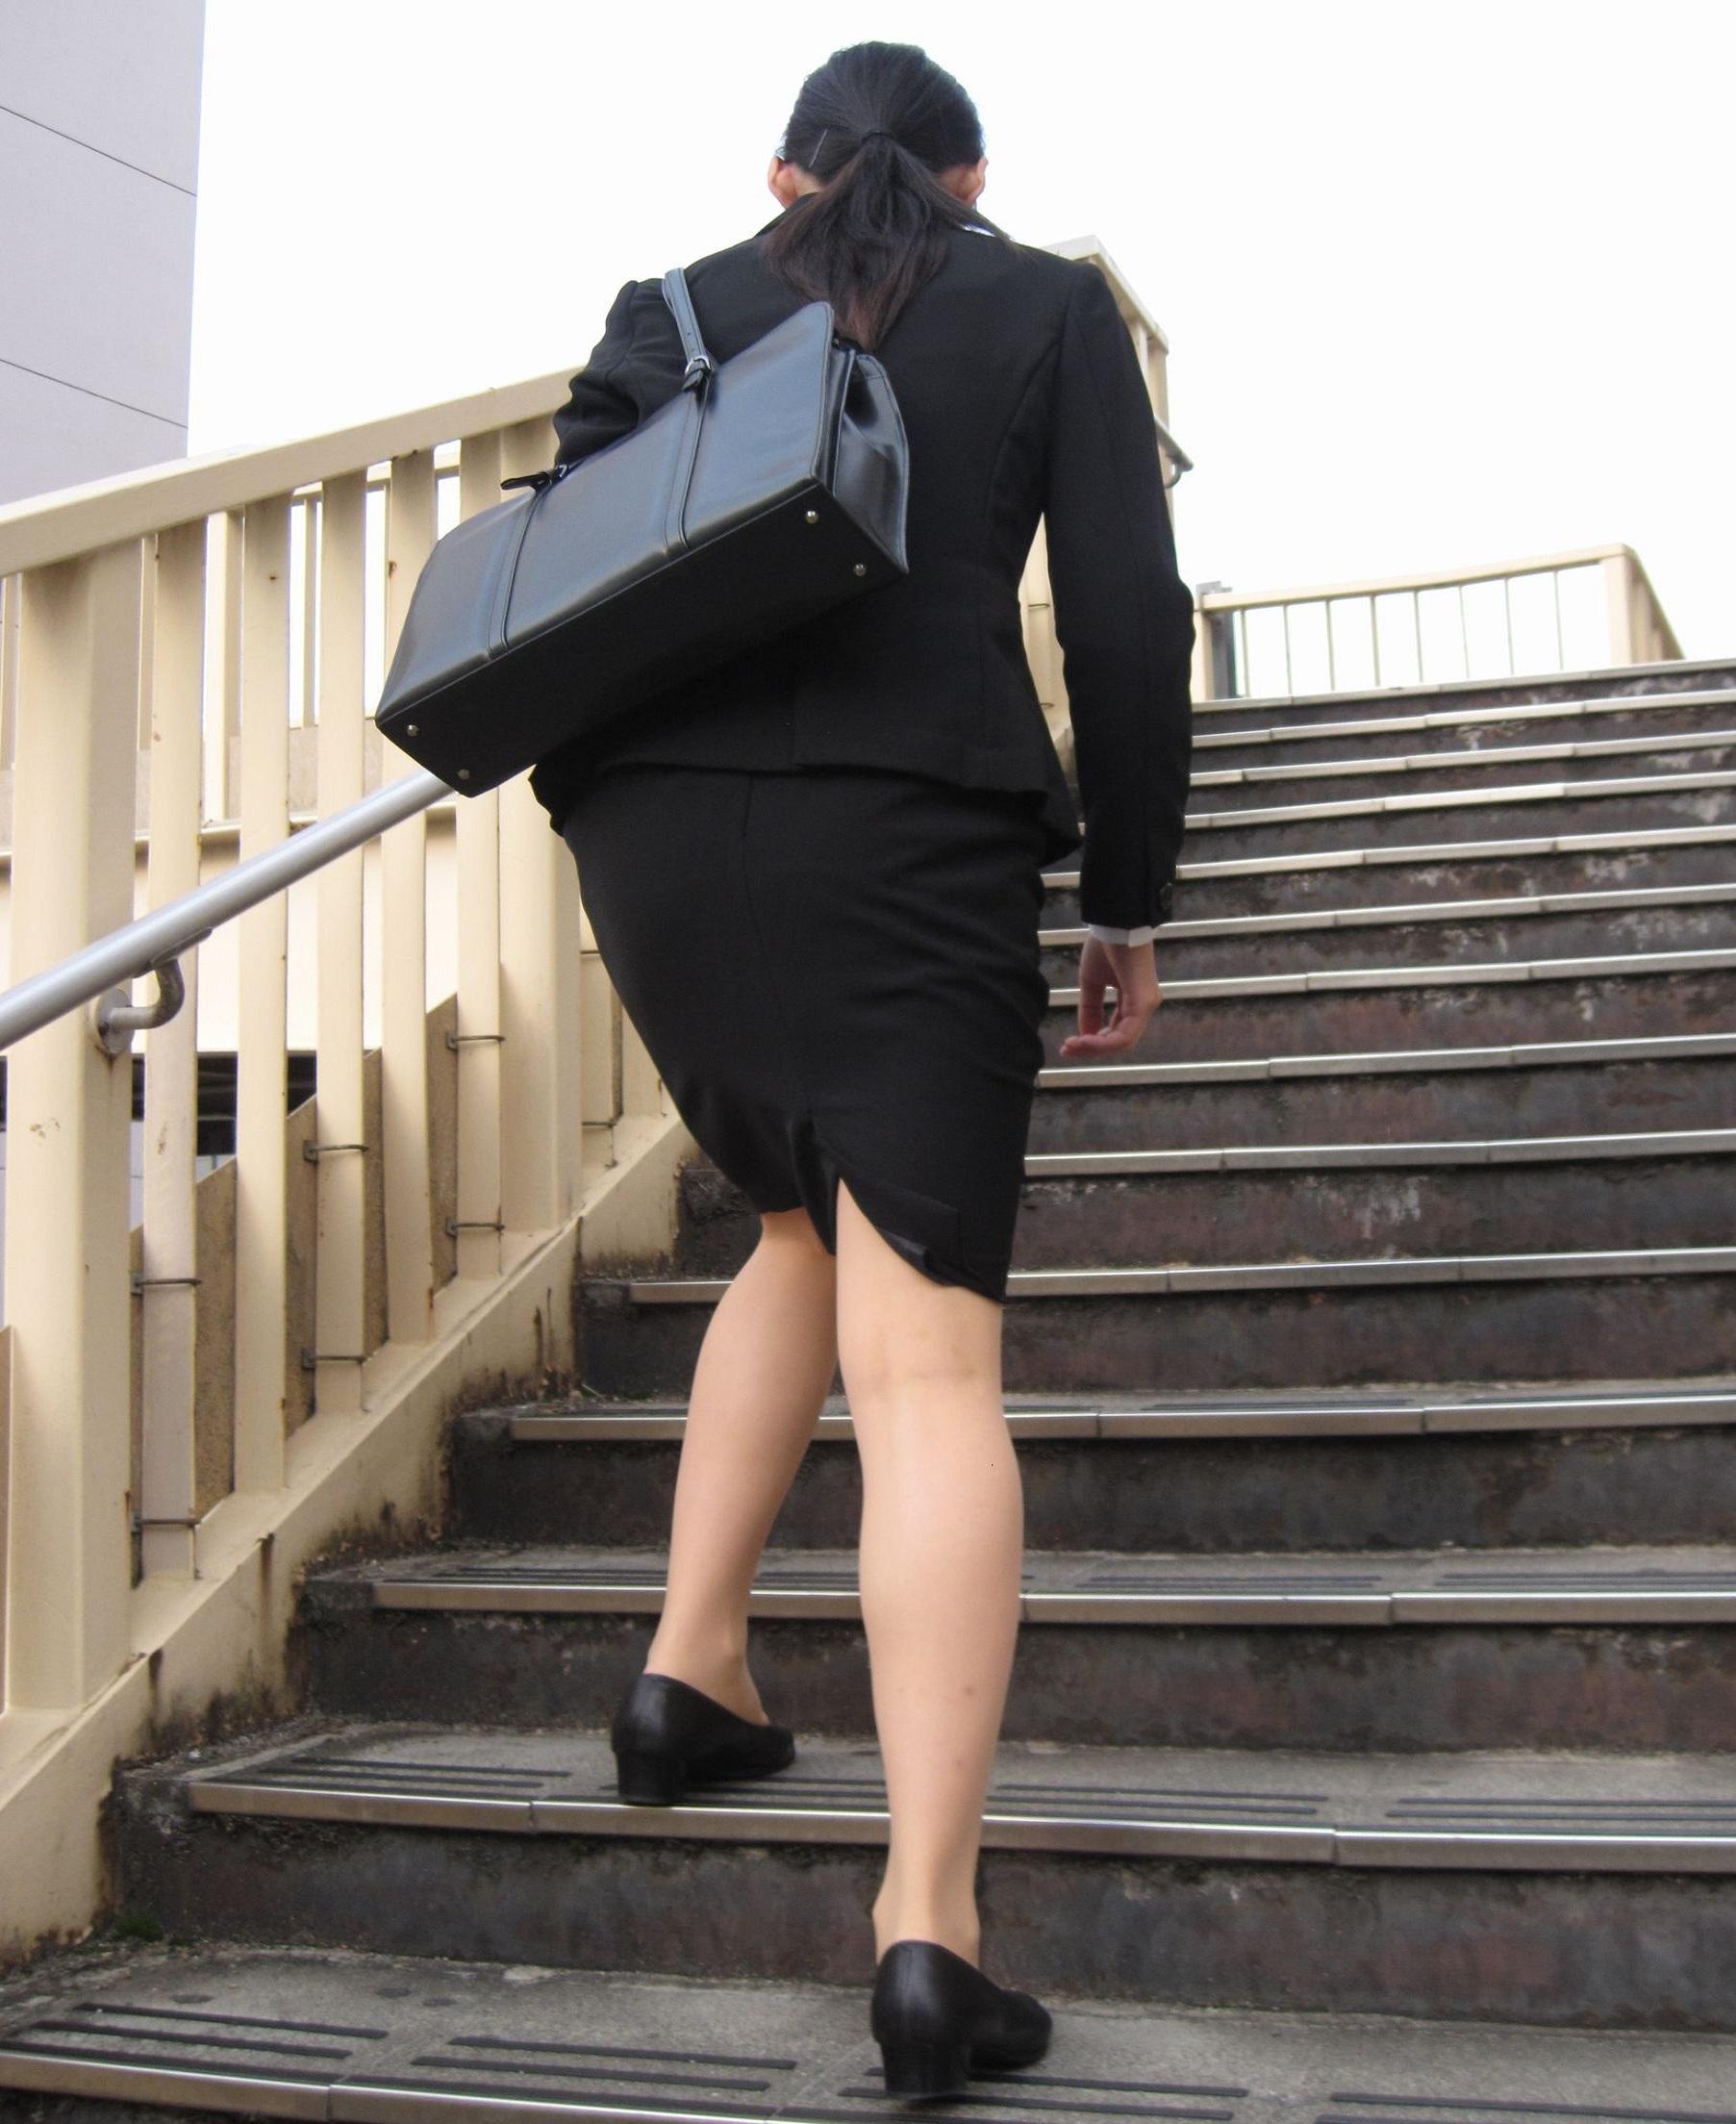 【街撮りスーツ画像】外回り女子のタイトに包まれたムッチリエロ尻追いかけてwww 20